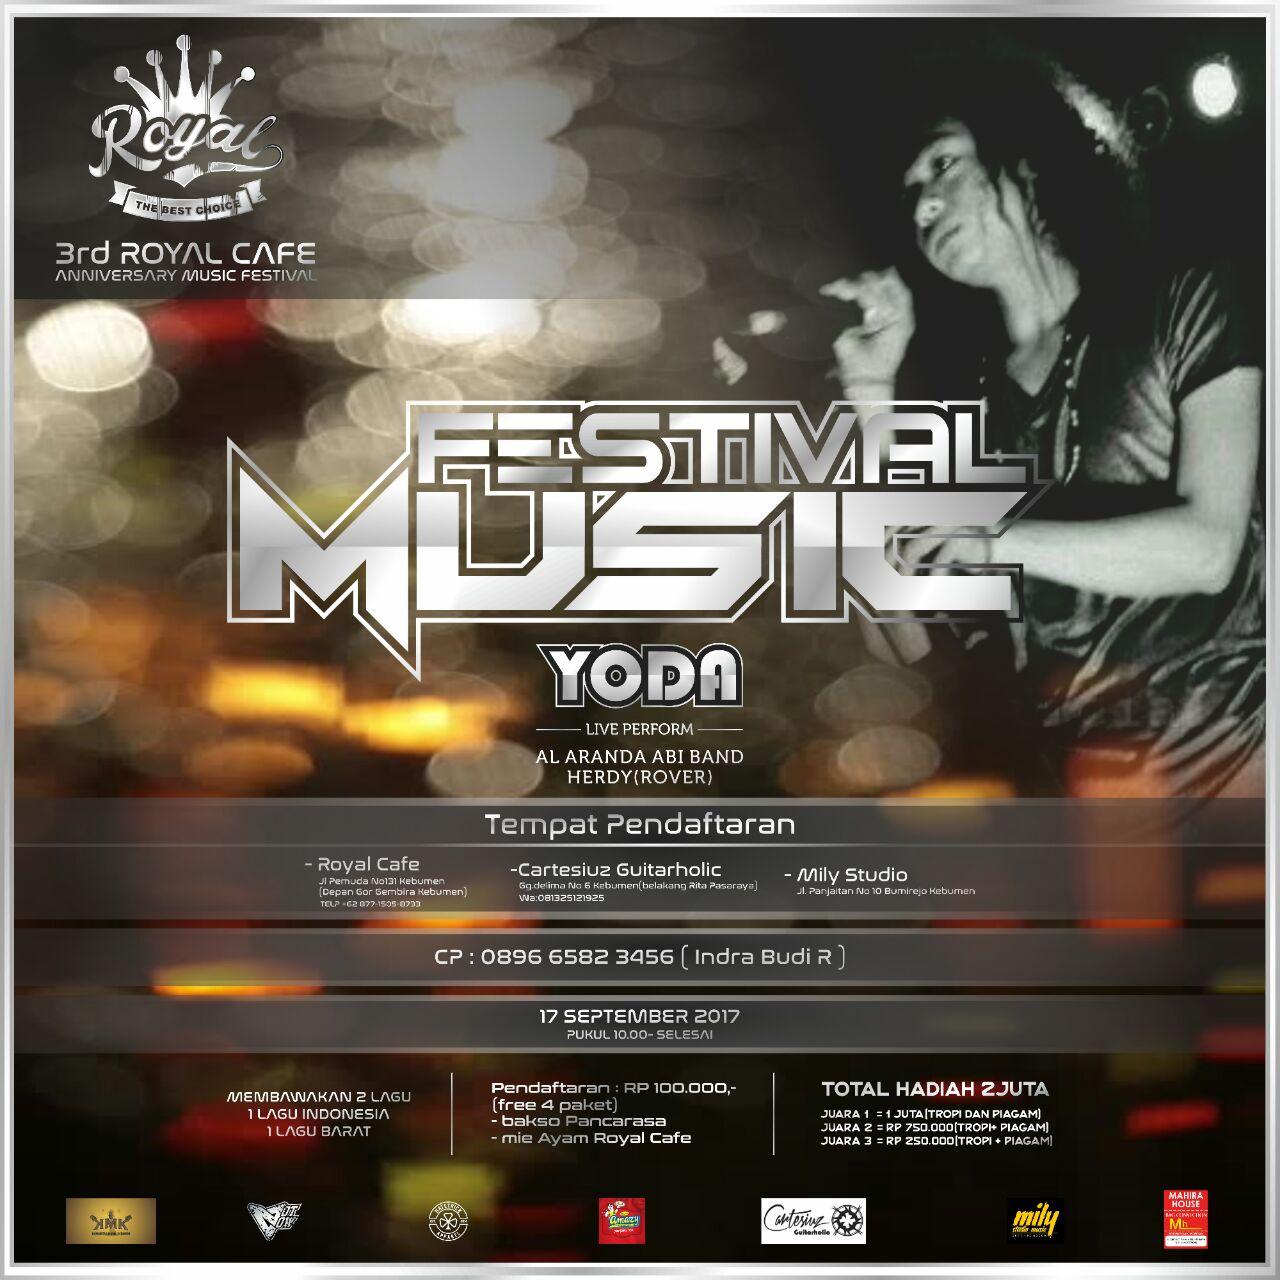 Yoda Idol Bakal Meriahkan Festival Music Royal Cafe